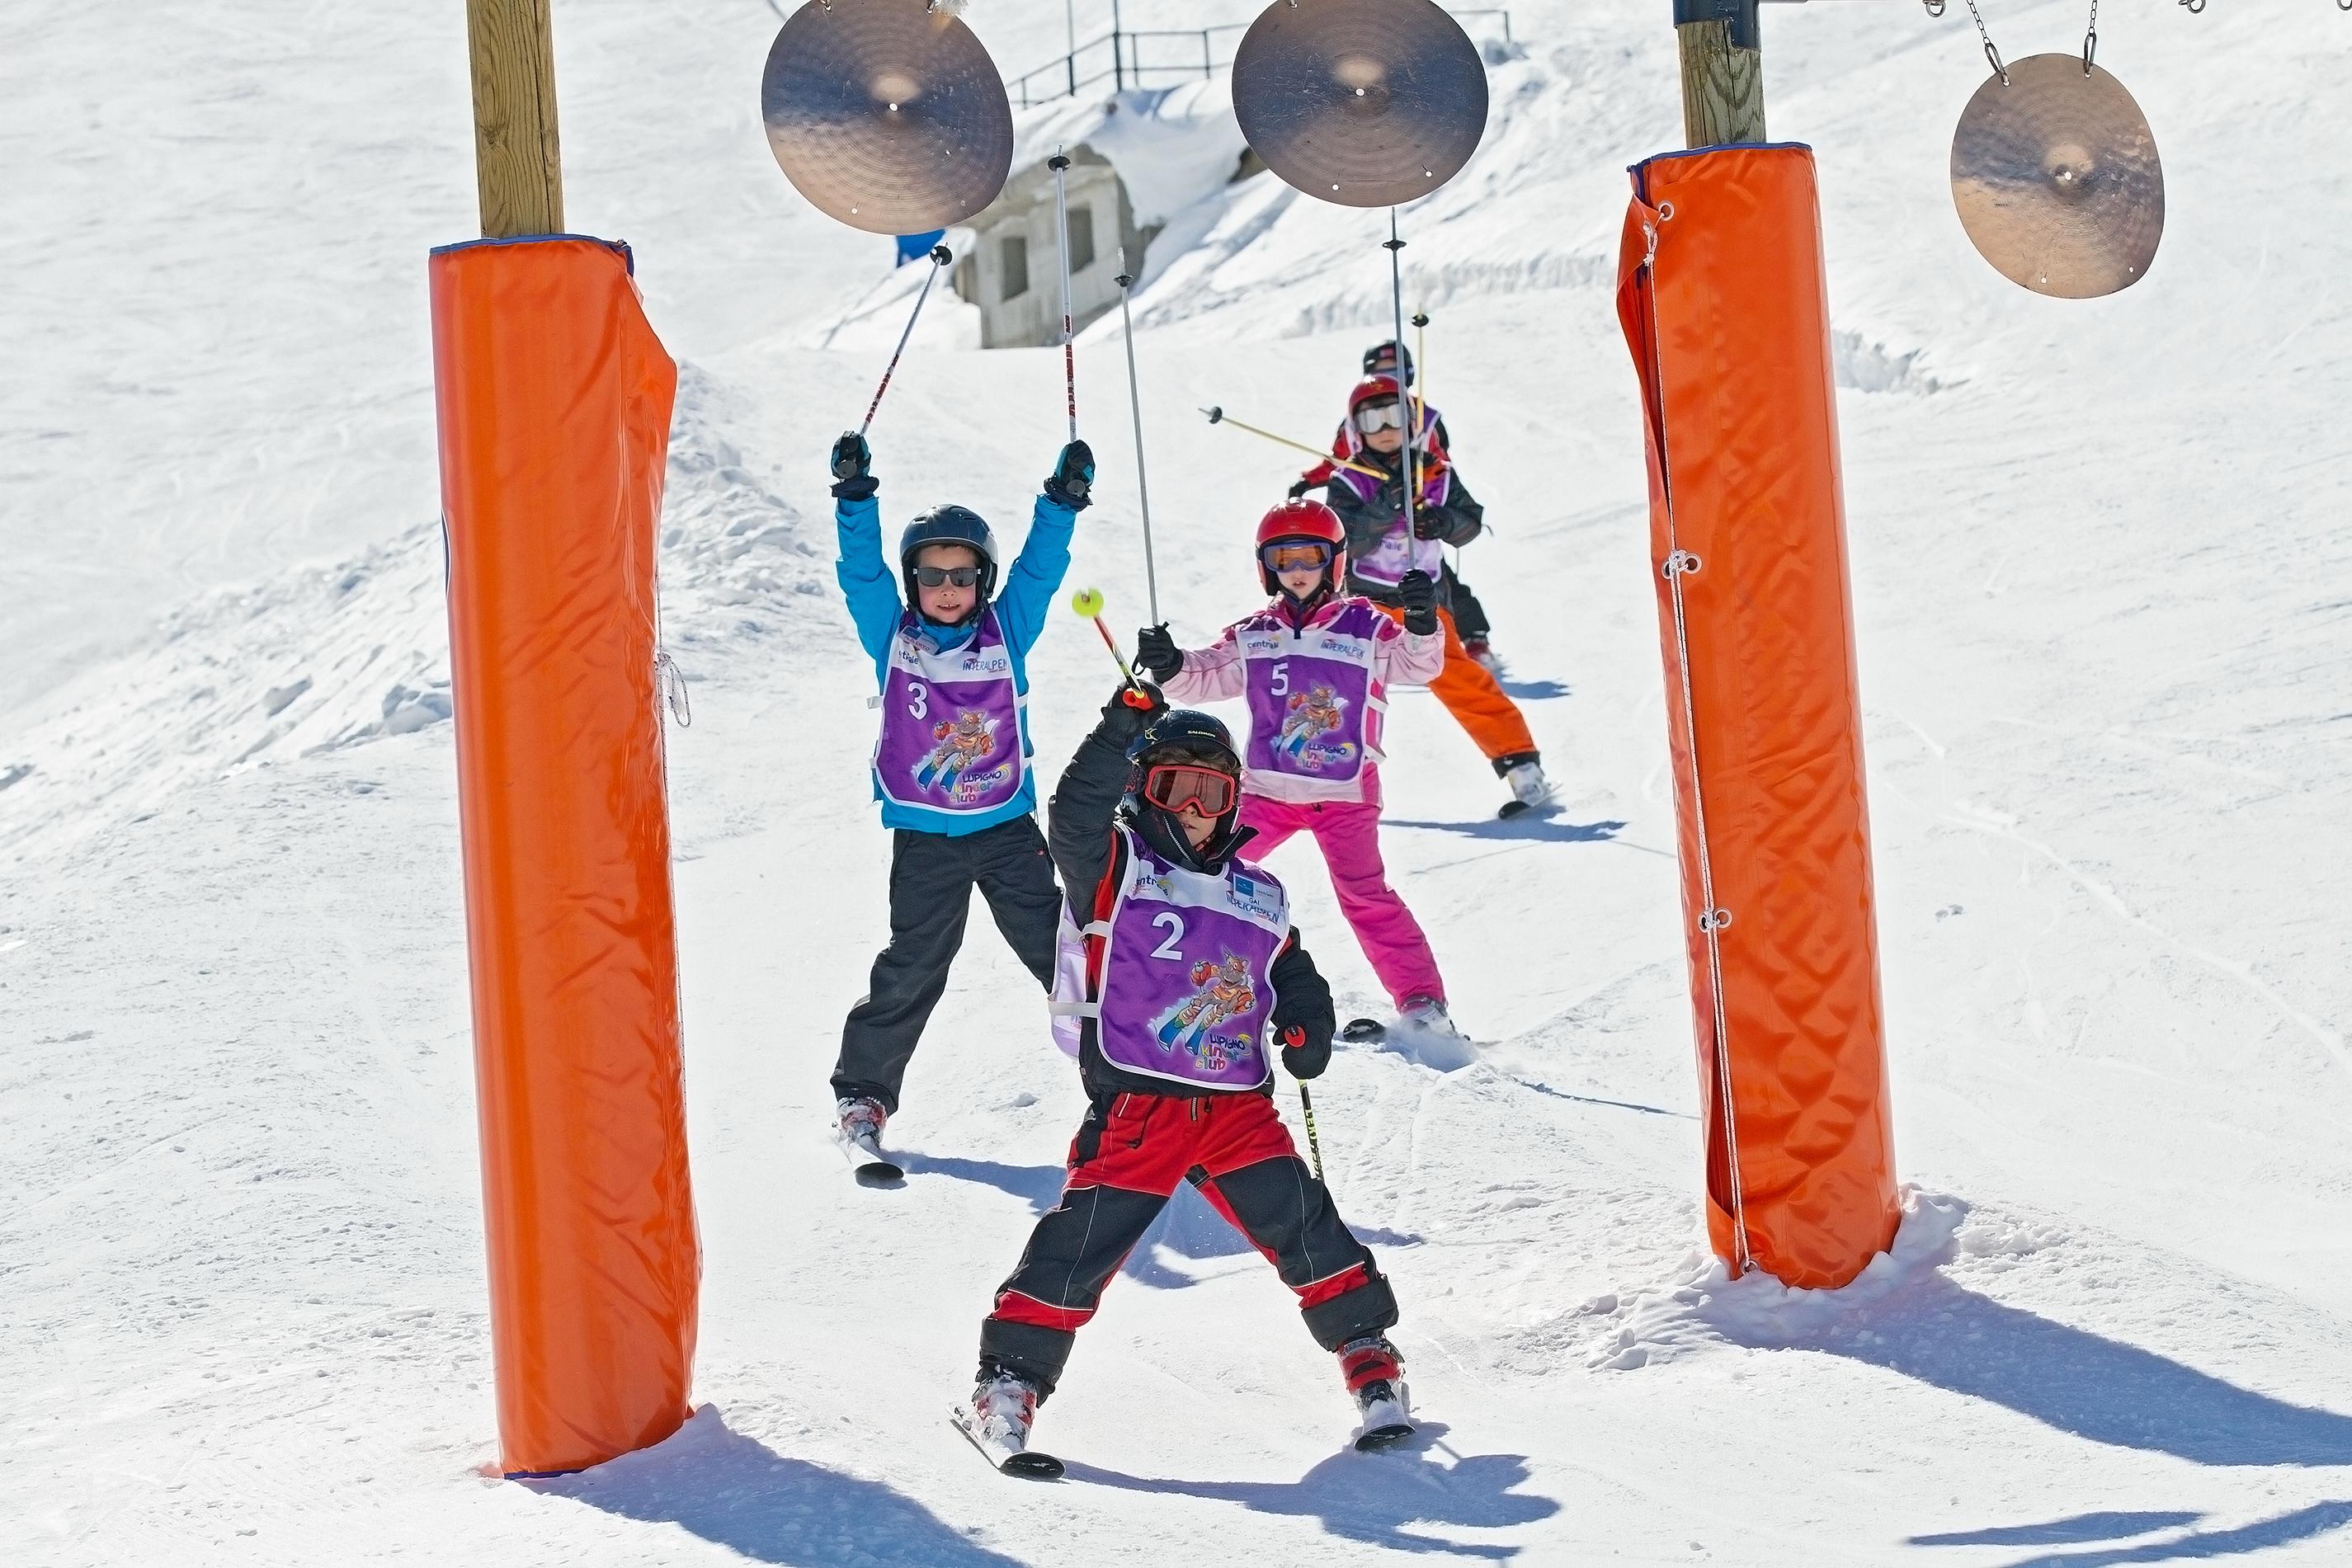 parco divertimento sugli sci allo Snowpark Mottolino